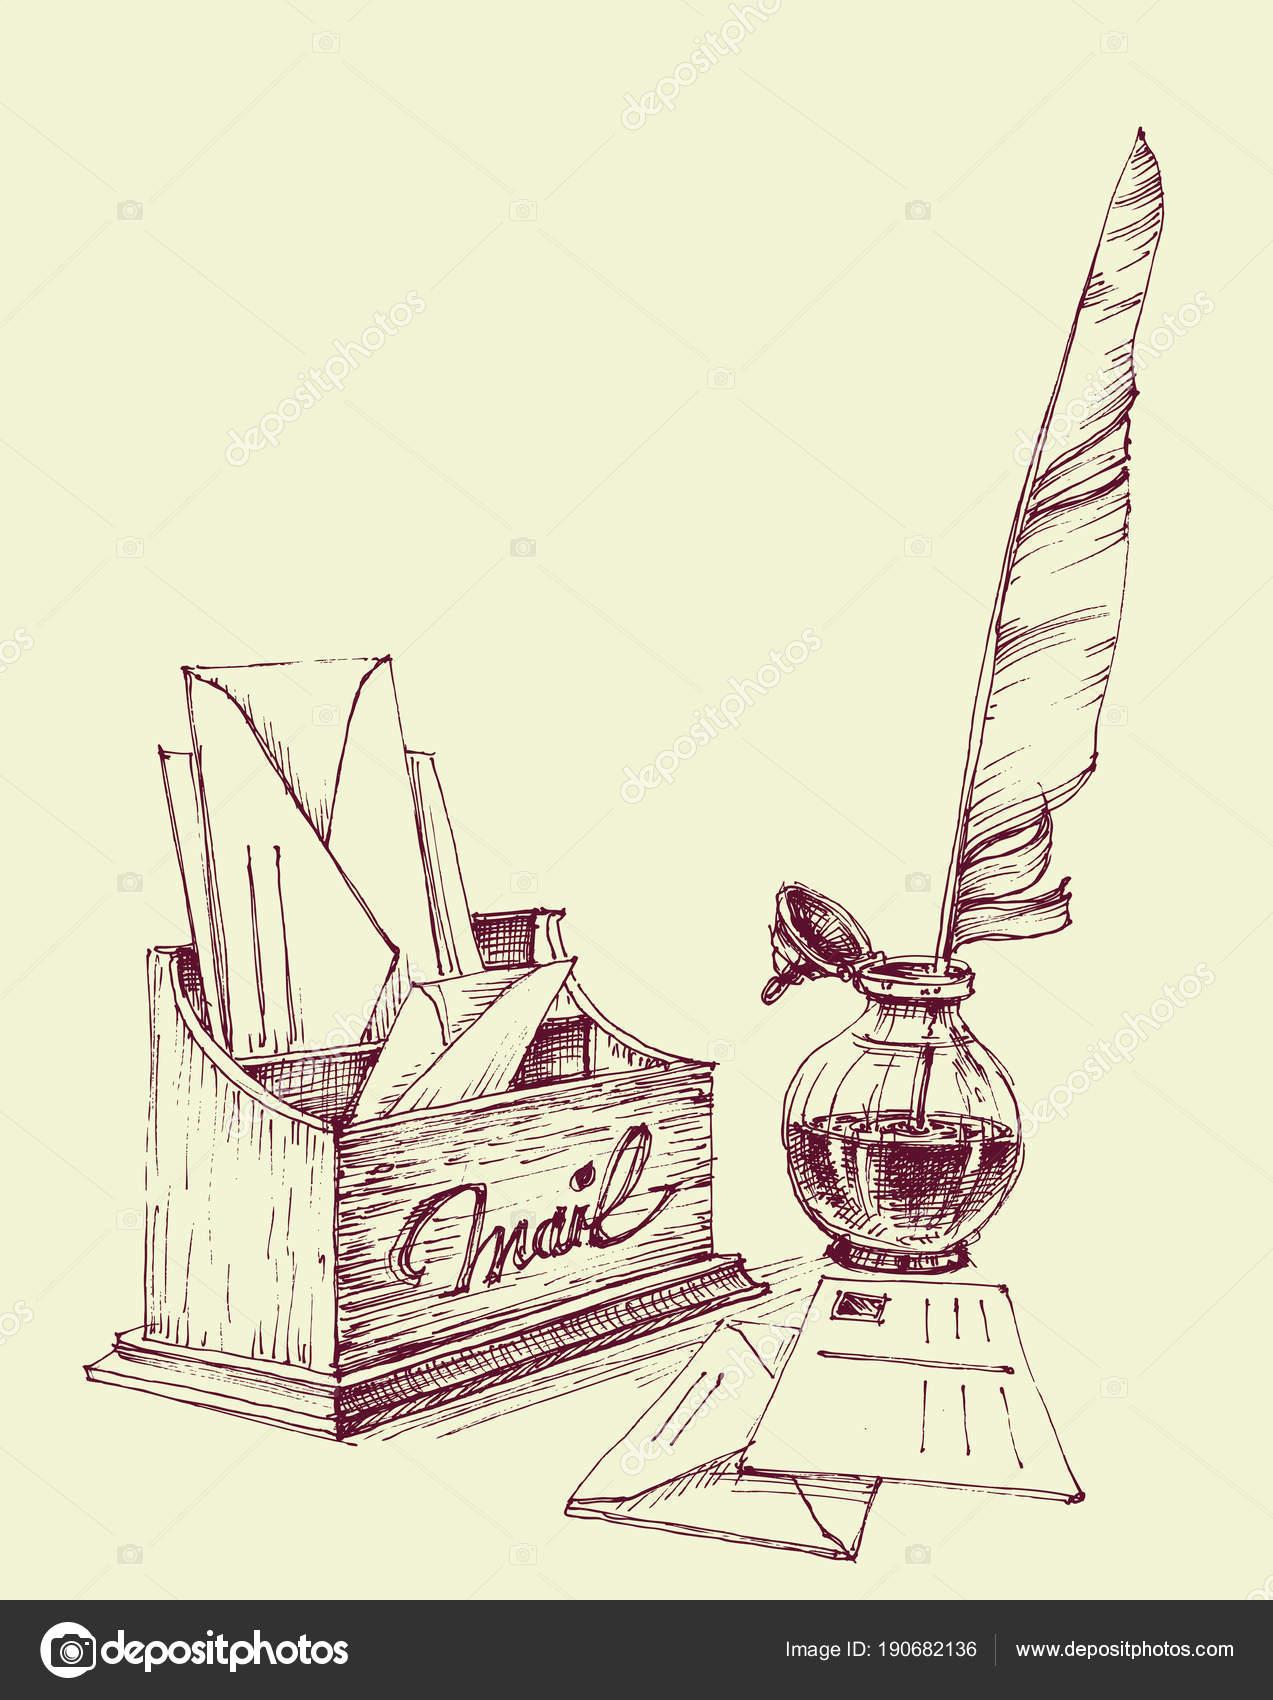 Cartas viejas, bote de tinta y pluma pen diseño vintage — Archivo ...